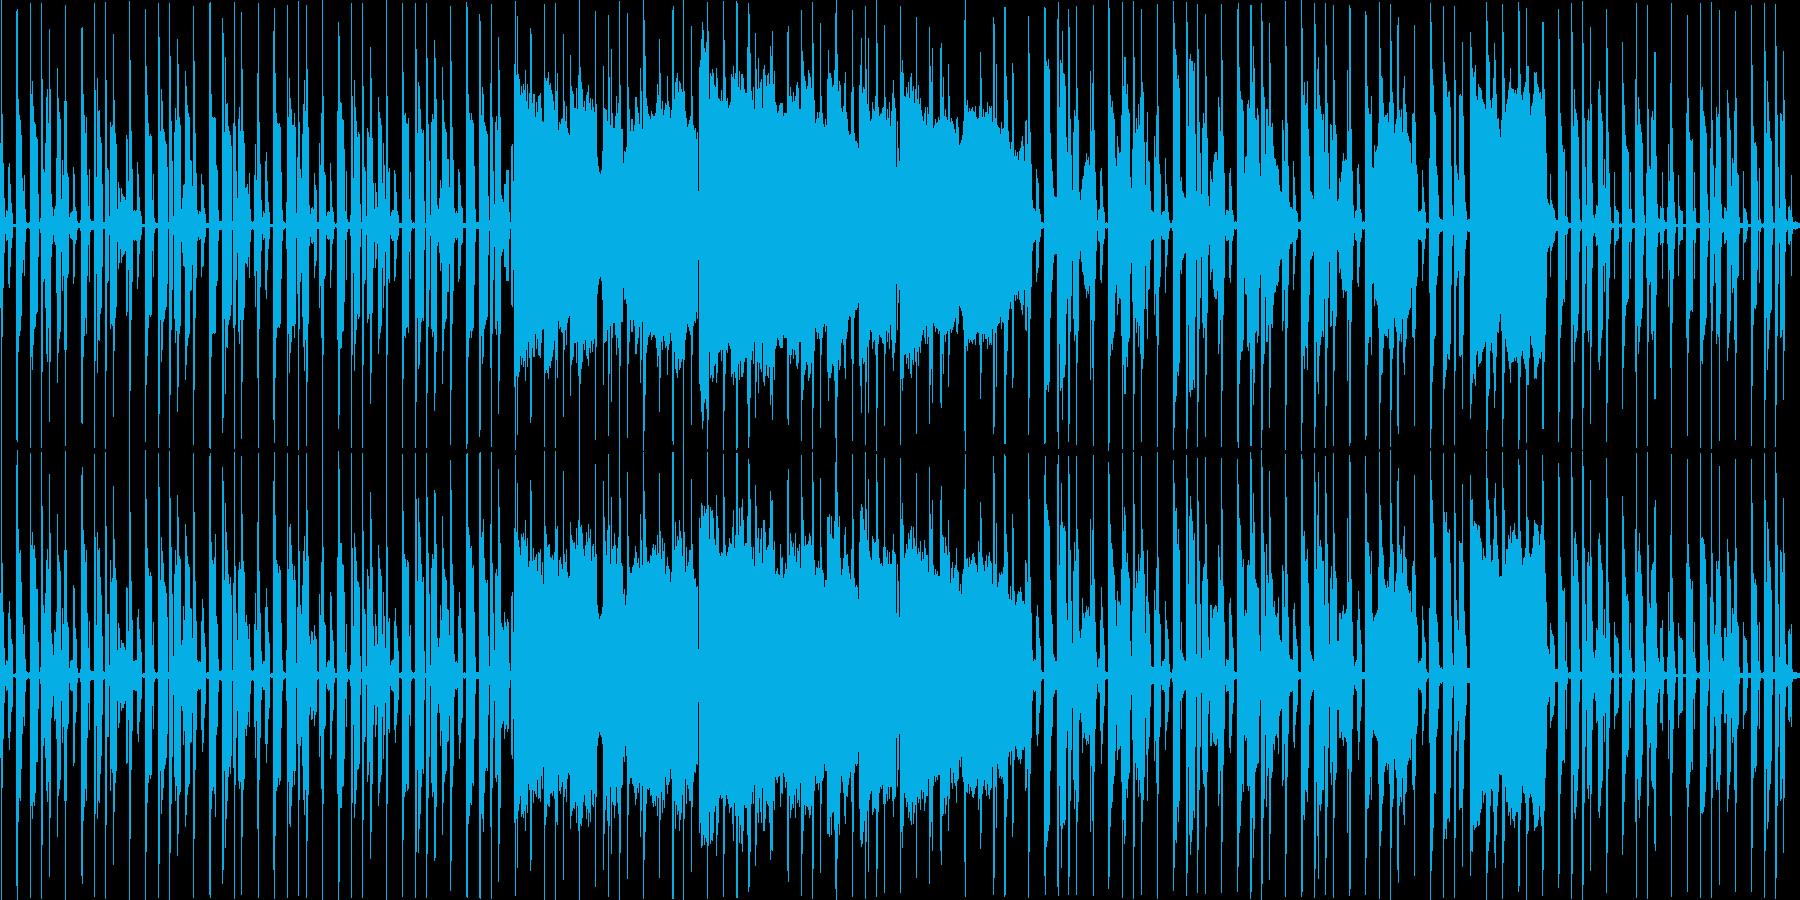 おだやかな雰囲気、スローテンポの日常曲の再生済みの波形